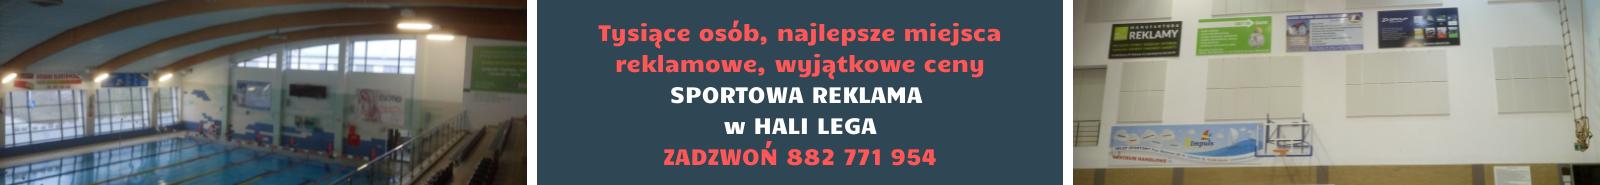 Reklama w Hali Lega